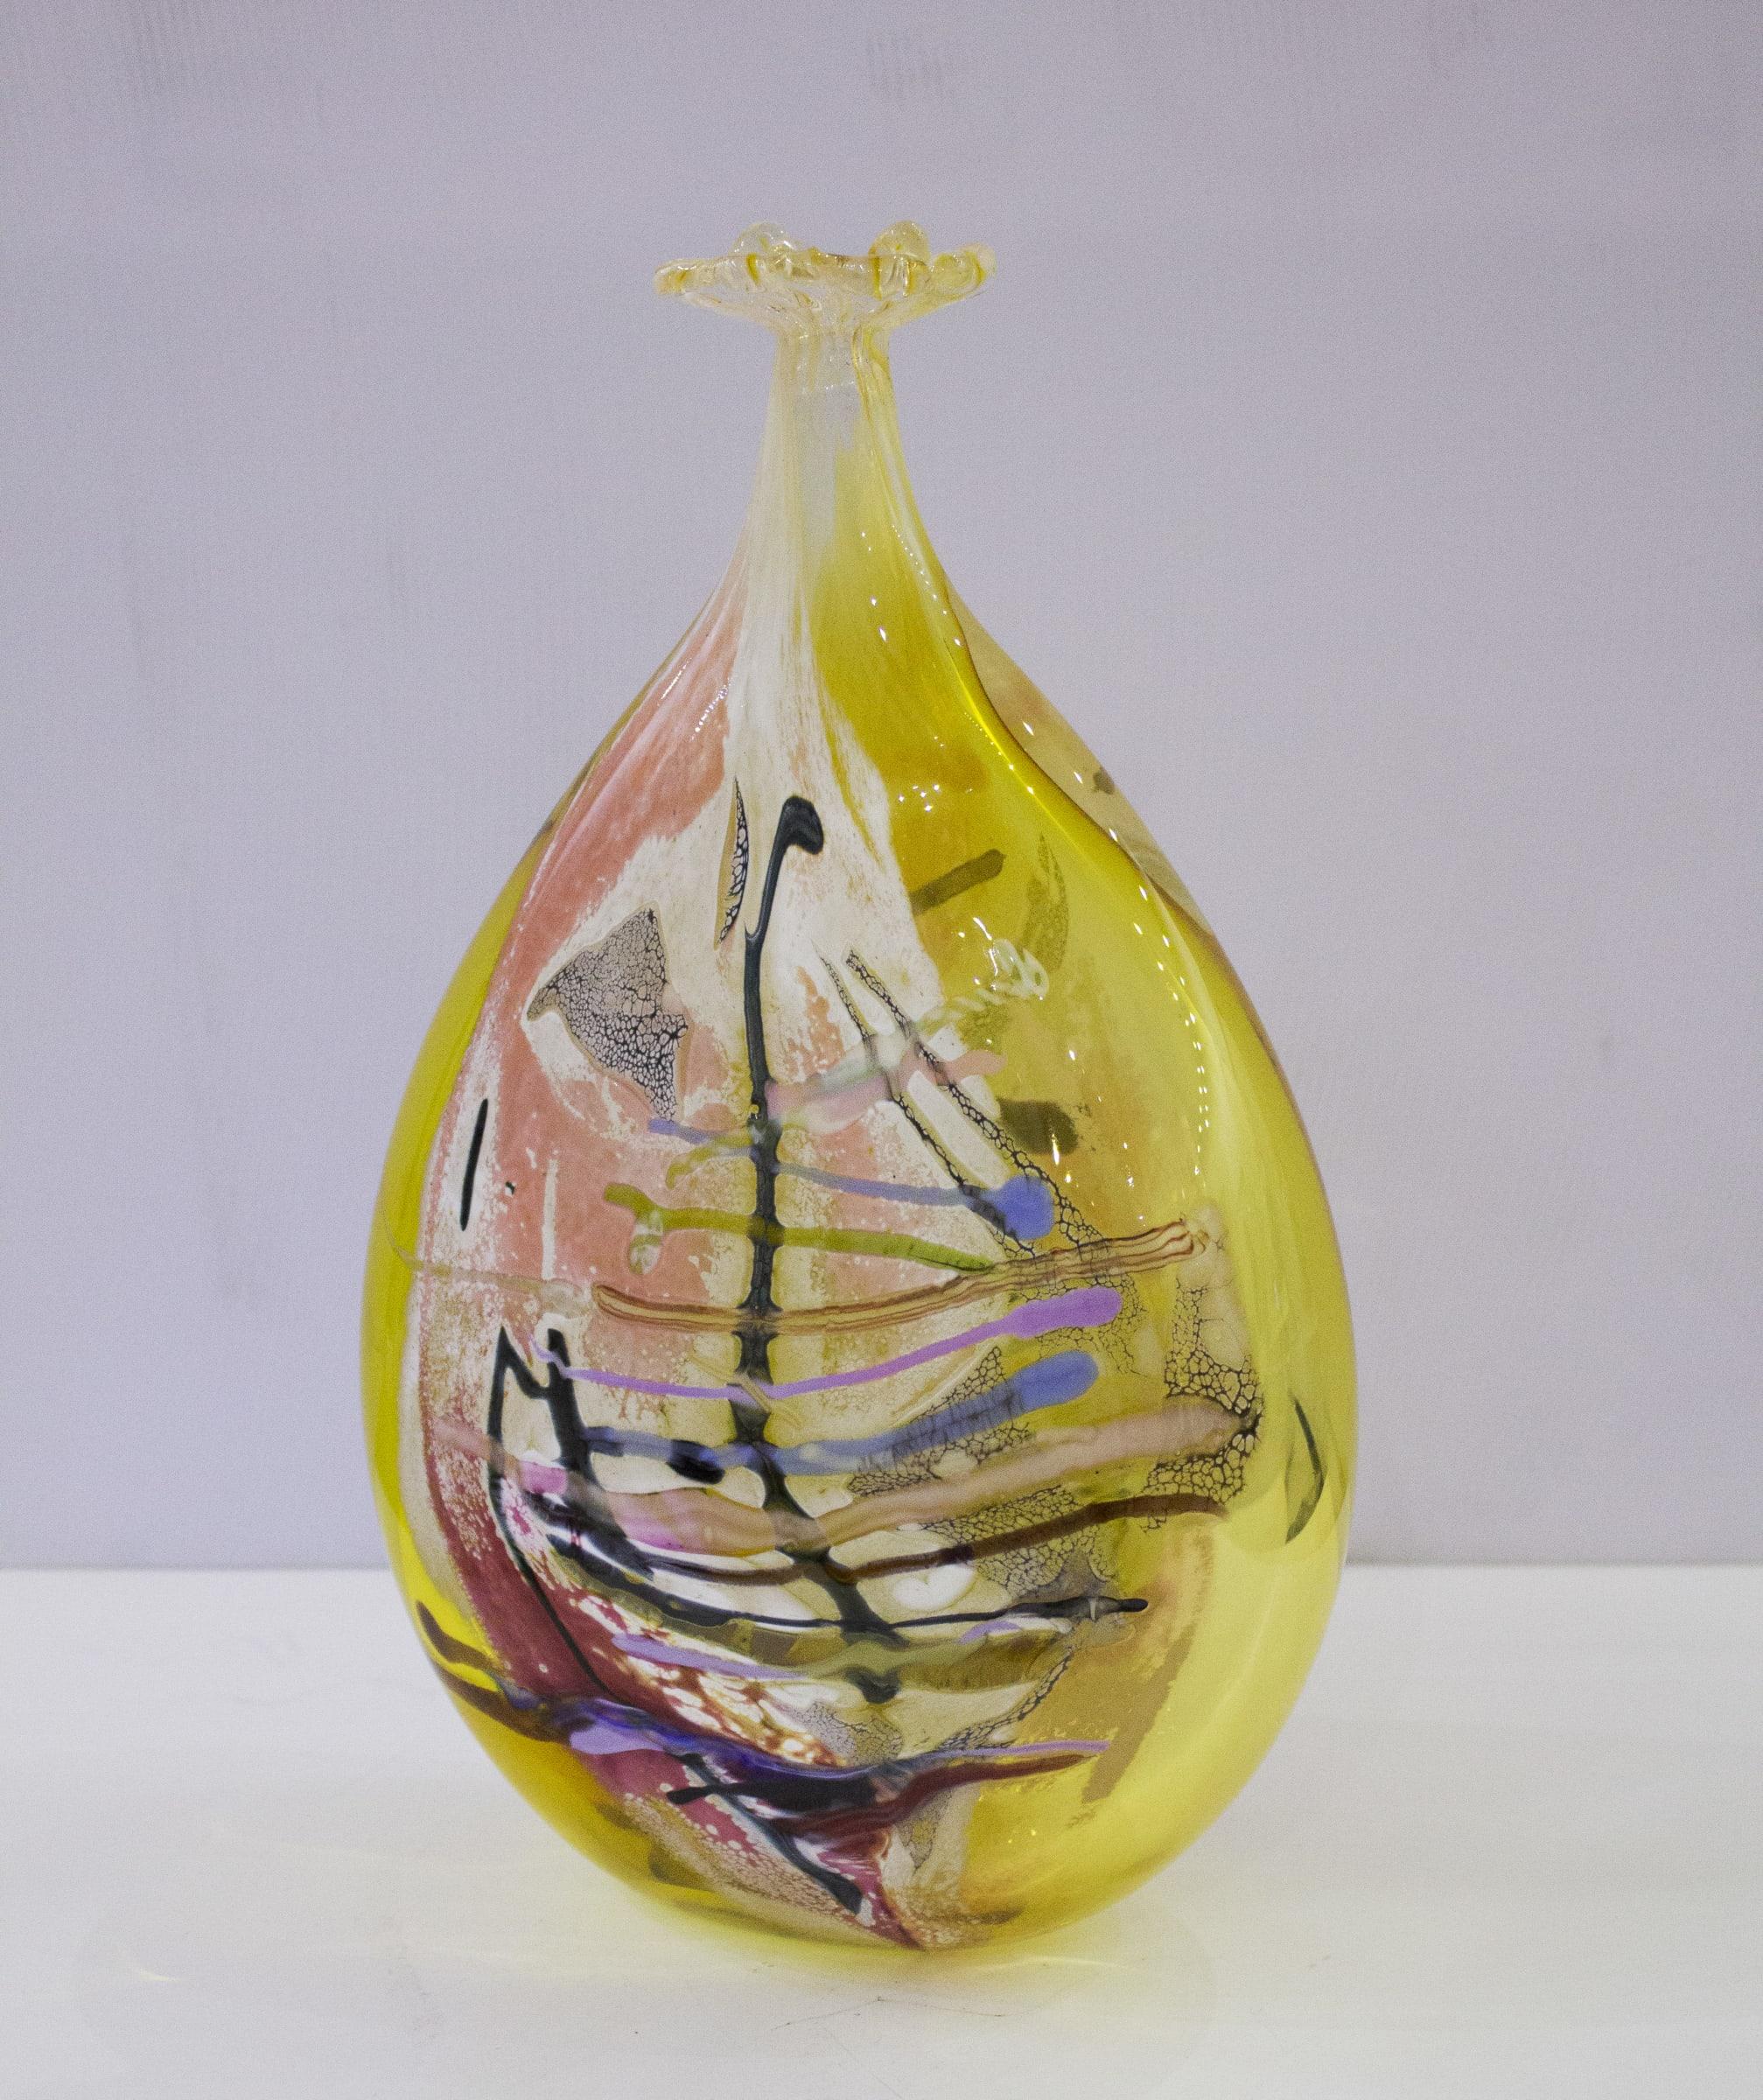 <span class=&#34;link fancybox-details-link&#34;><a href=&#34;/artists/35-maxi-pretorius/works/2953-maxi-pretorius-vase-yellow-2018/&#34;>View Detail Page</a></span><div class=&#34;artist&#34;><strong>Maxi Pretorius</strong></div> <div class=&#34;title&#34;><em>Vase (Yellow)</em>, 2018</div> <div class=&#34;medium&#34;>Handmade Glass Creation</div> <div class=&#34;dimensions&#34;>29 cm  x 18.5cm  x 8cm</div><div class=&#34;price&#34;>R5,500.00</div>